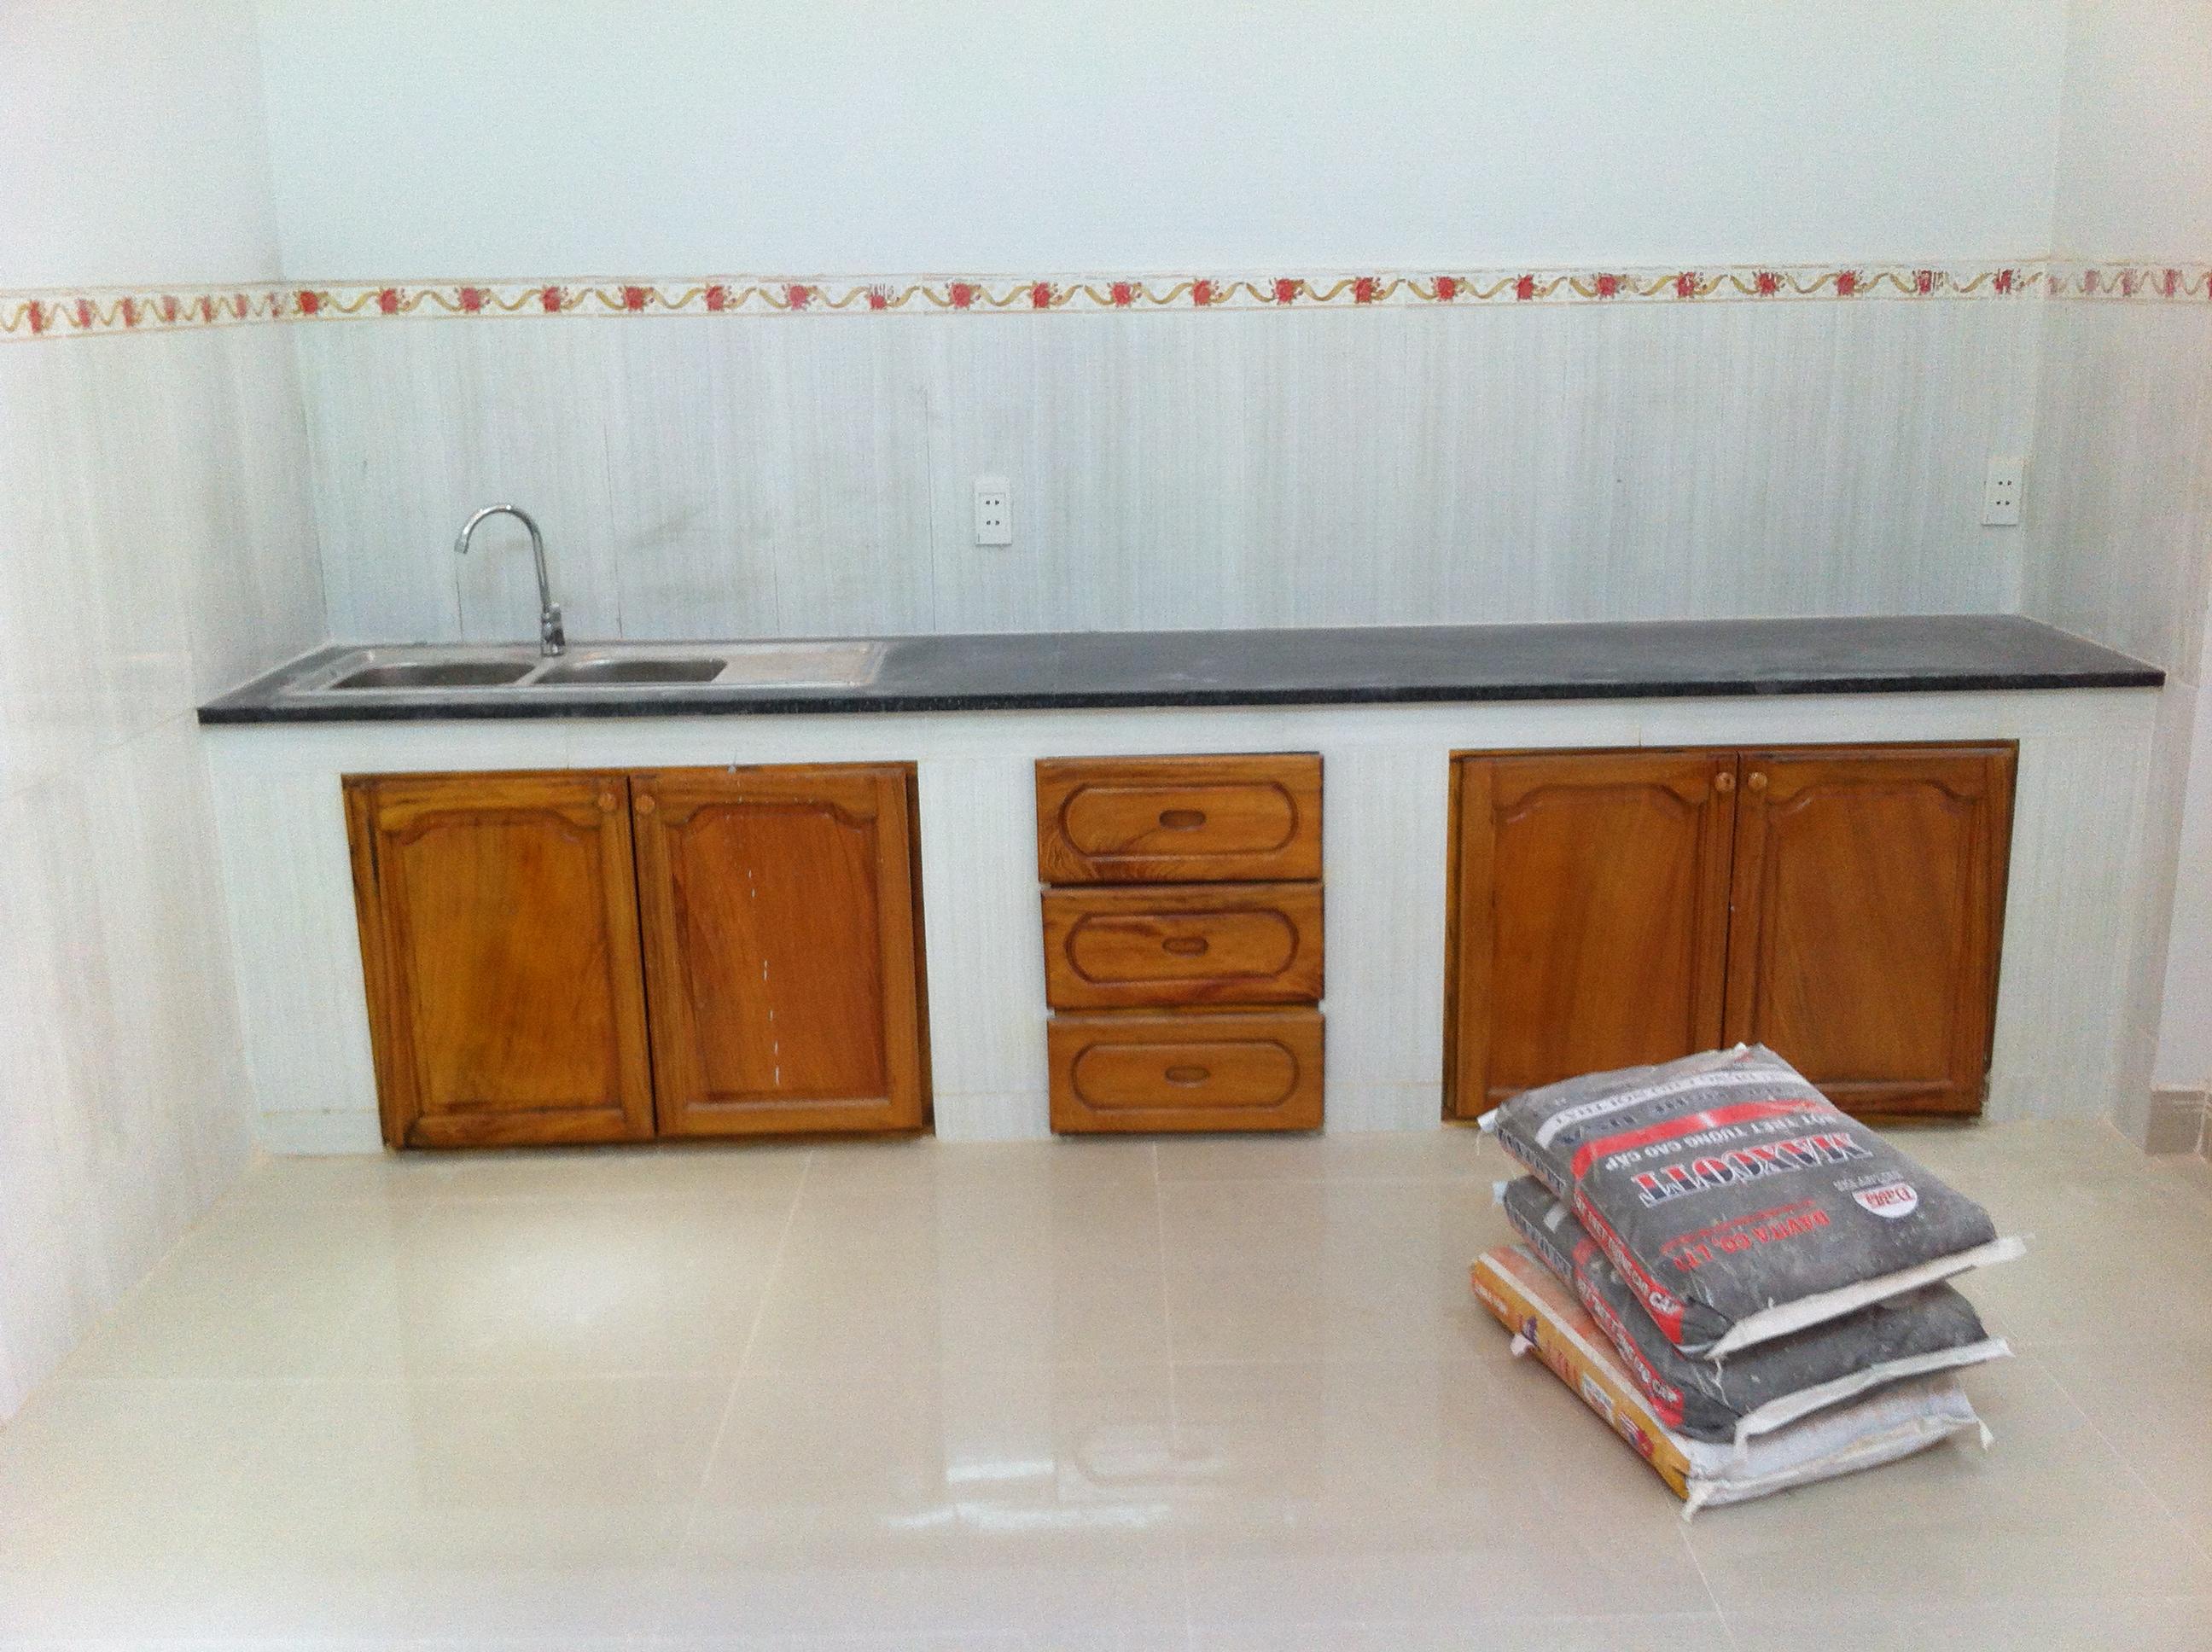 bếp nấu nhà mới nhất mặt tiền buôn bán ở dĩ an